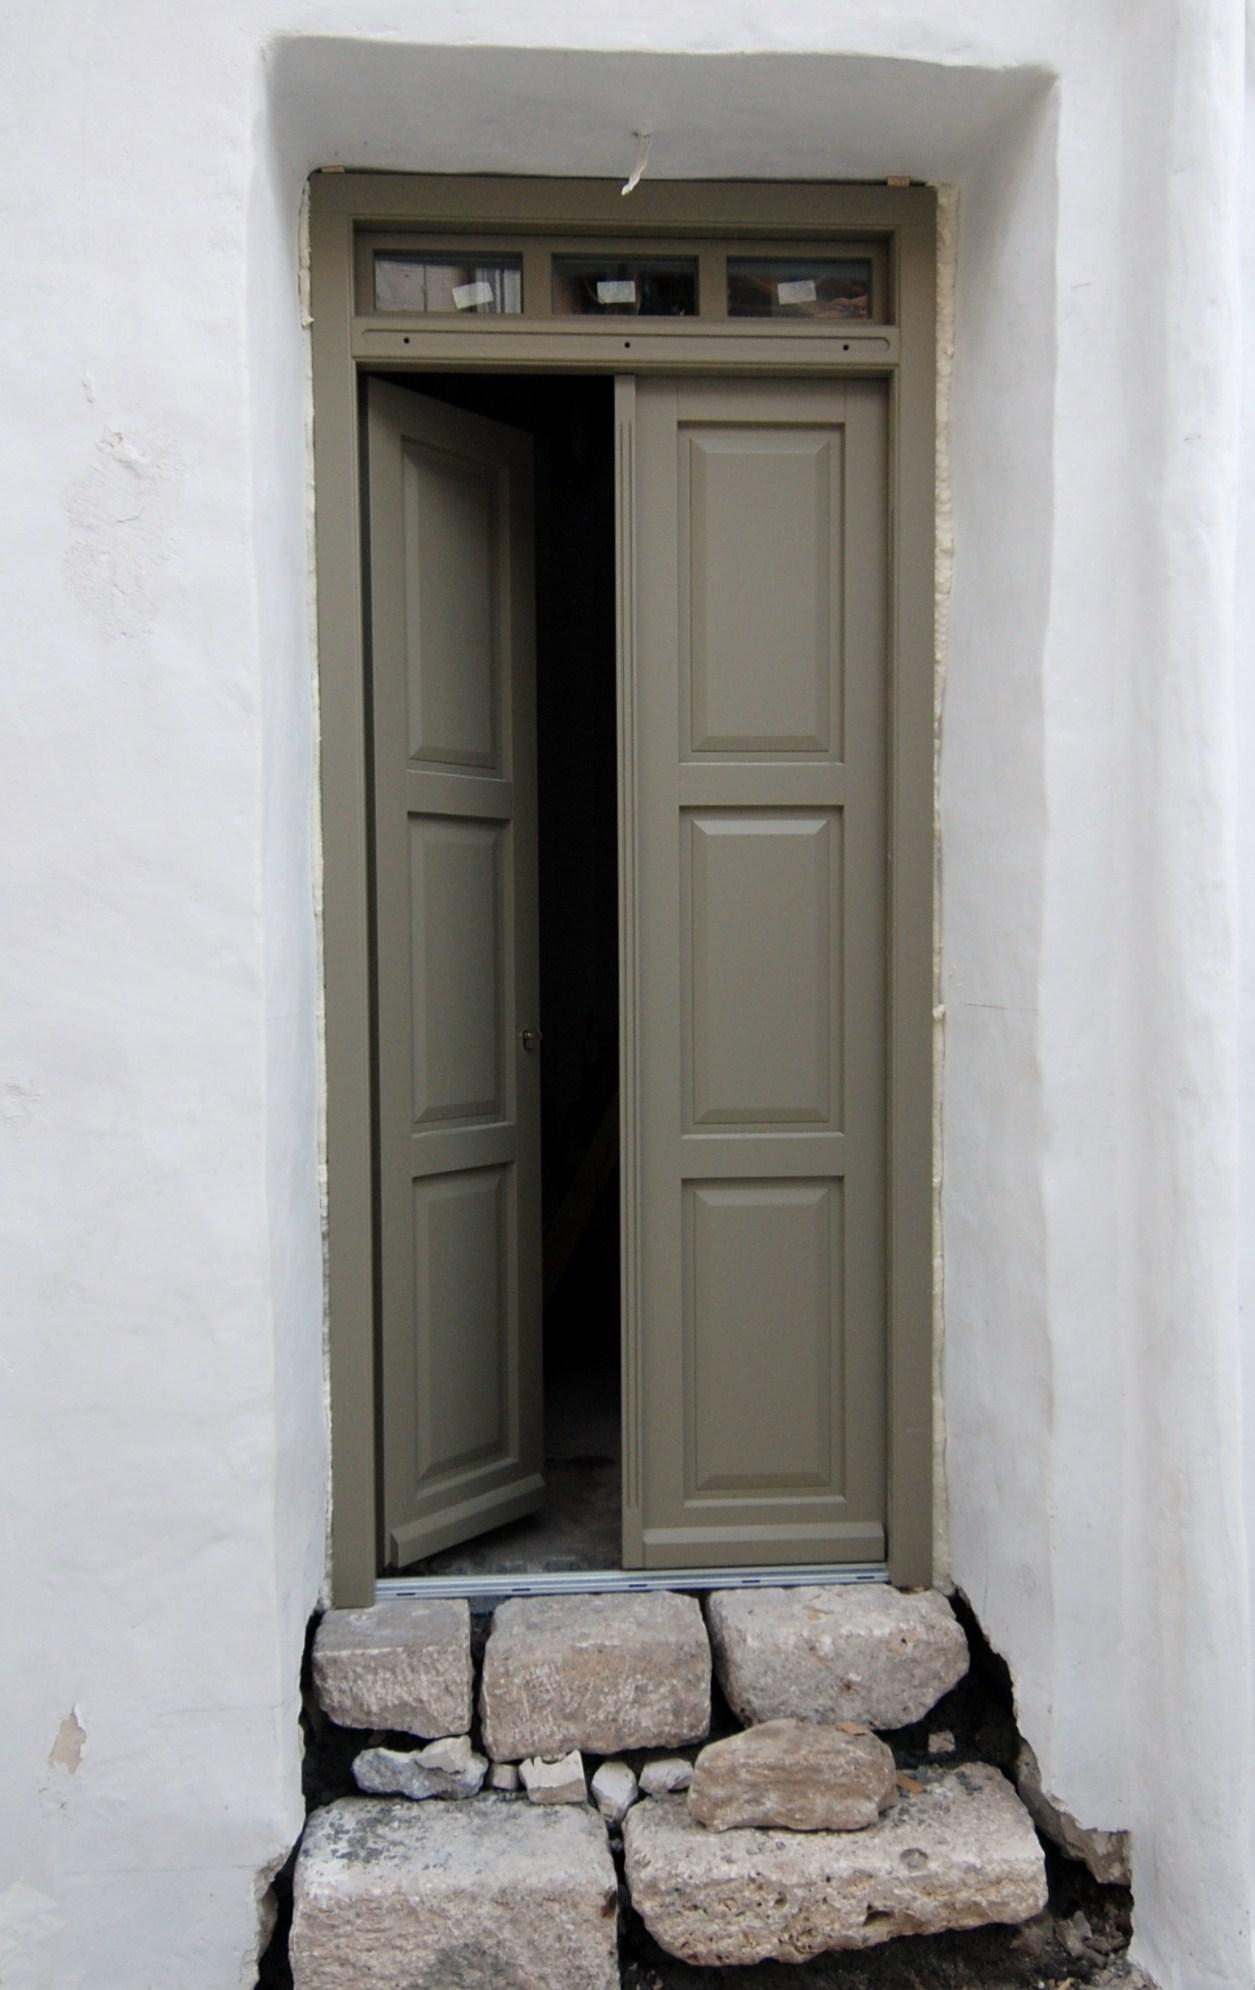 Θ153  Δίφυλλη εξώπορτα ταμλαδωτή με 3 ταμπλάδες και μπουγιουντρούκι ανοιγόμενο